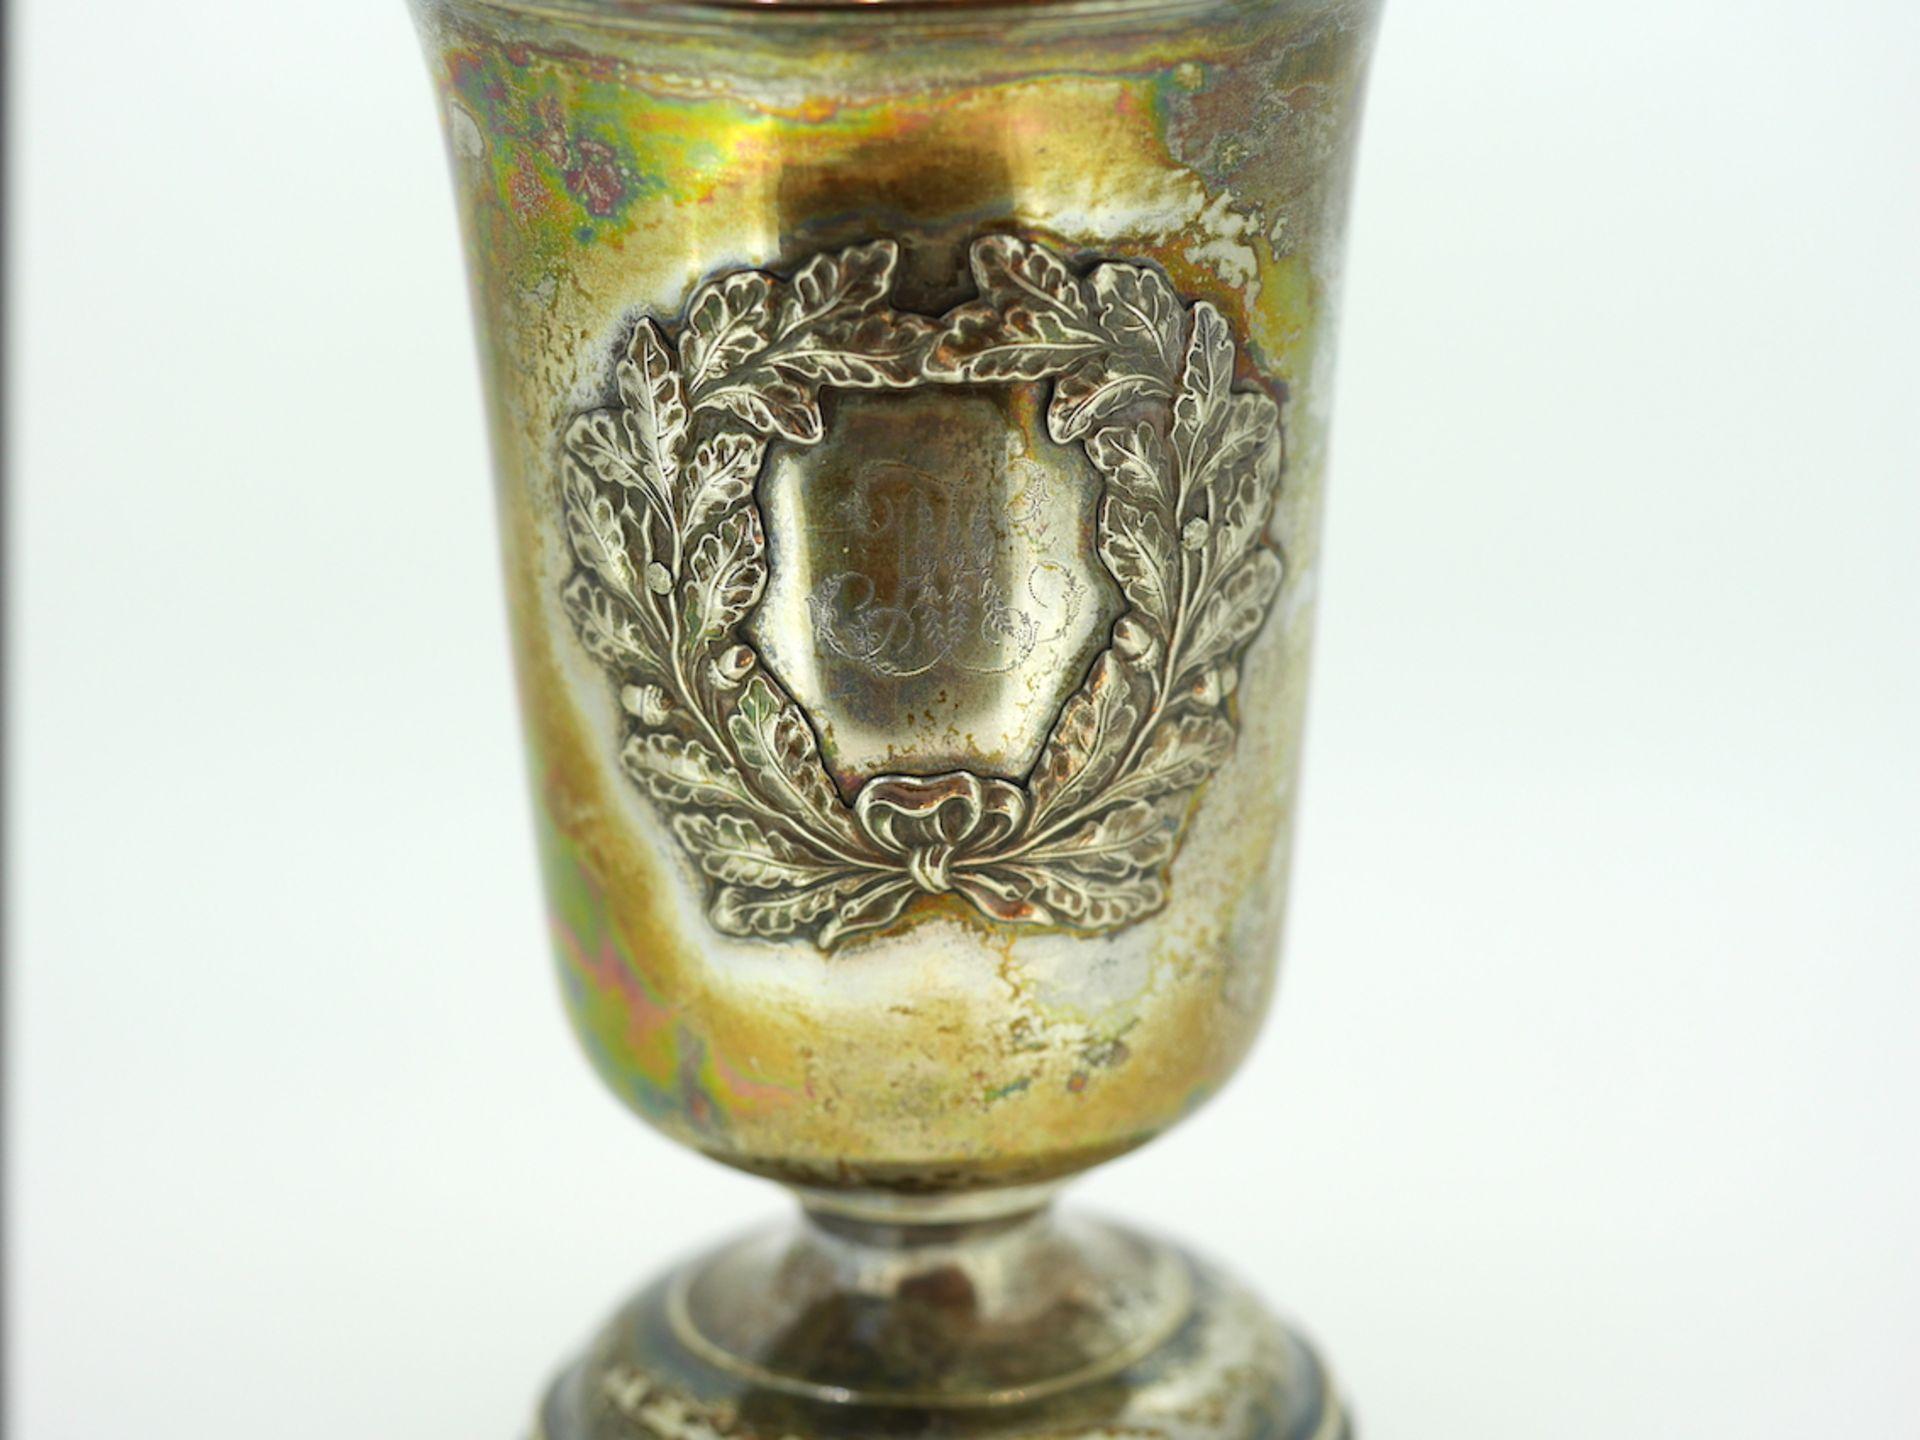 Becher aus 13 lötigem Silber, 12 cm hoch, Gewicht 96 Gramm - Bild 3 aus 3